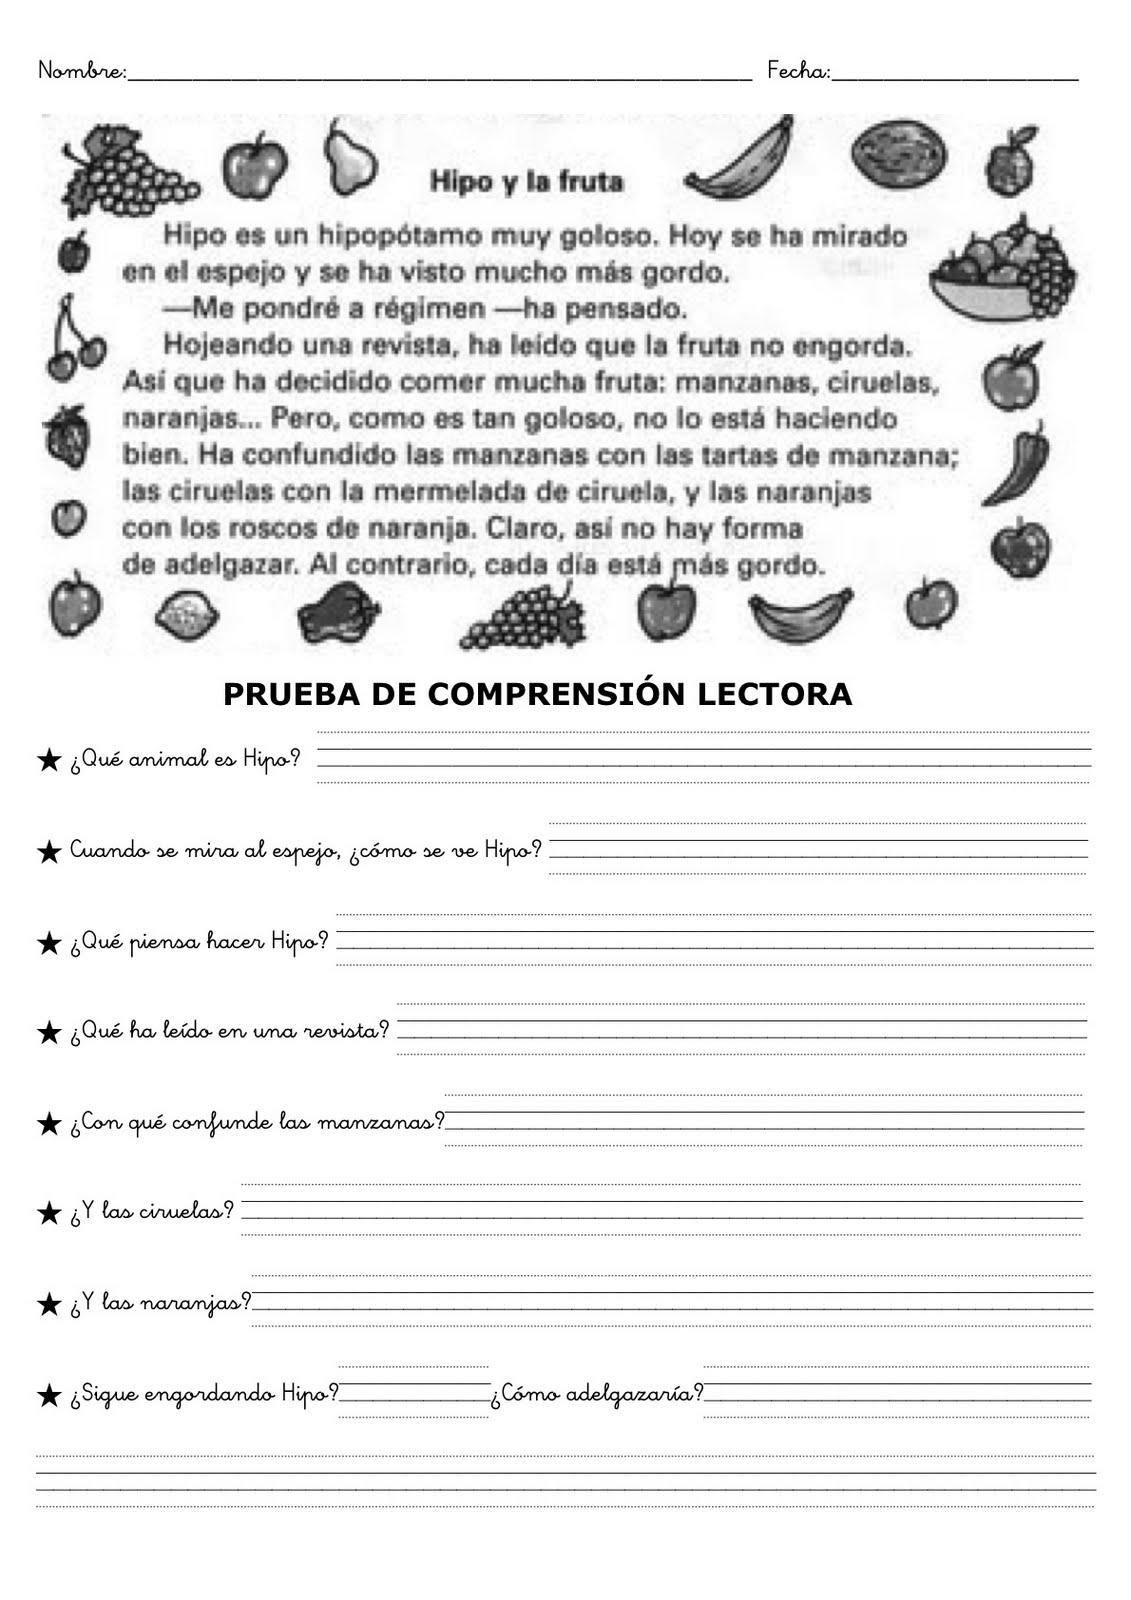 Fichas de comprensión lectora